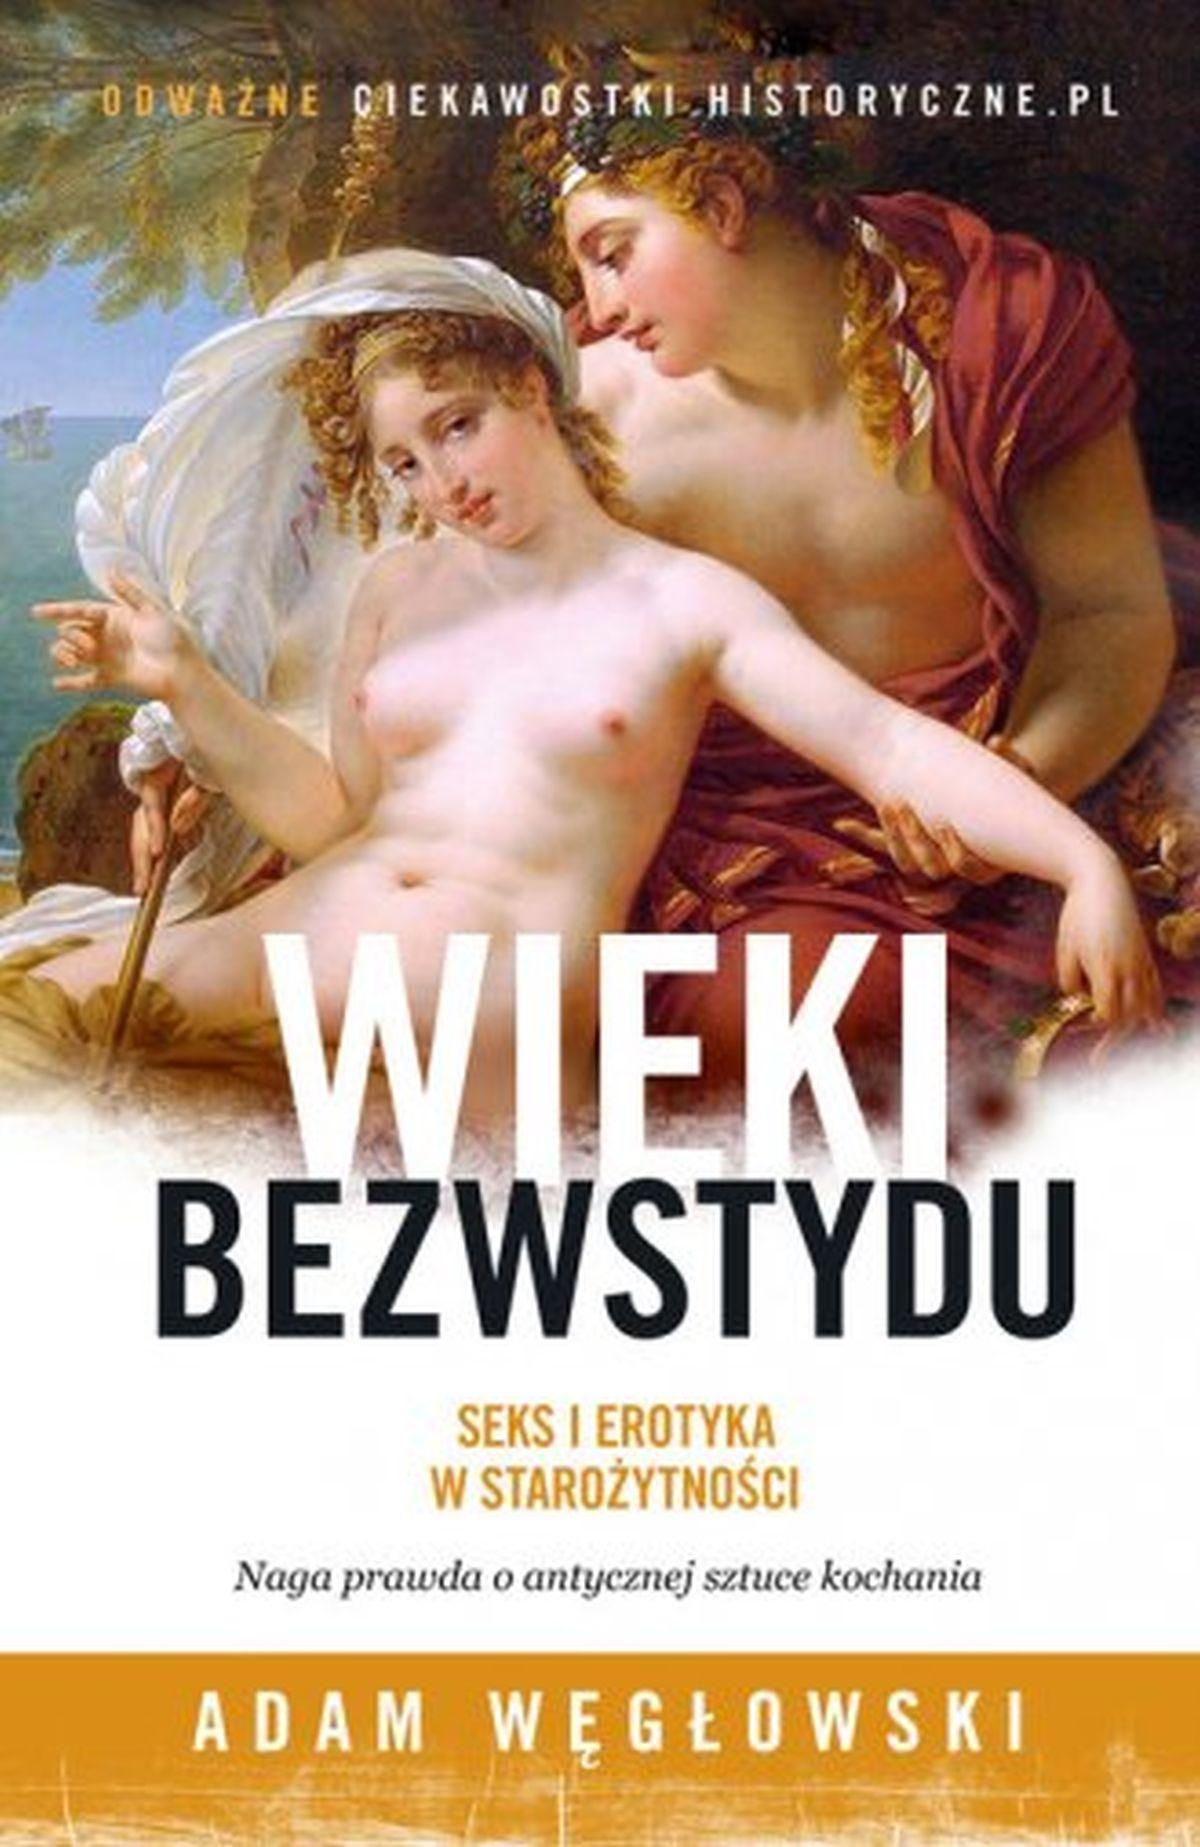 Adam Węgłowski, Wieki bezwstydu. Seks i erotyka w starożytności